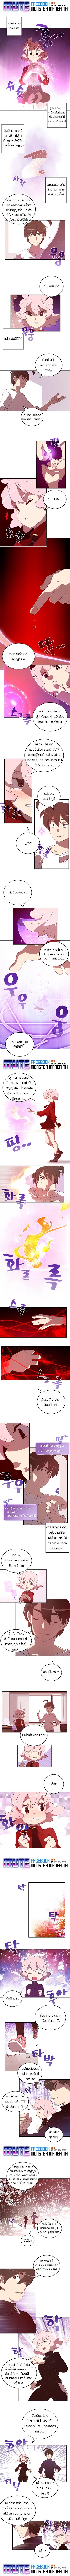 I Am The Sorcerer King - หน้า 2